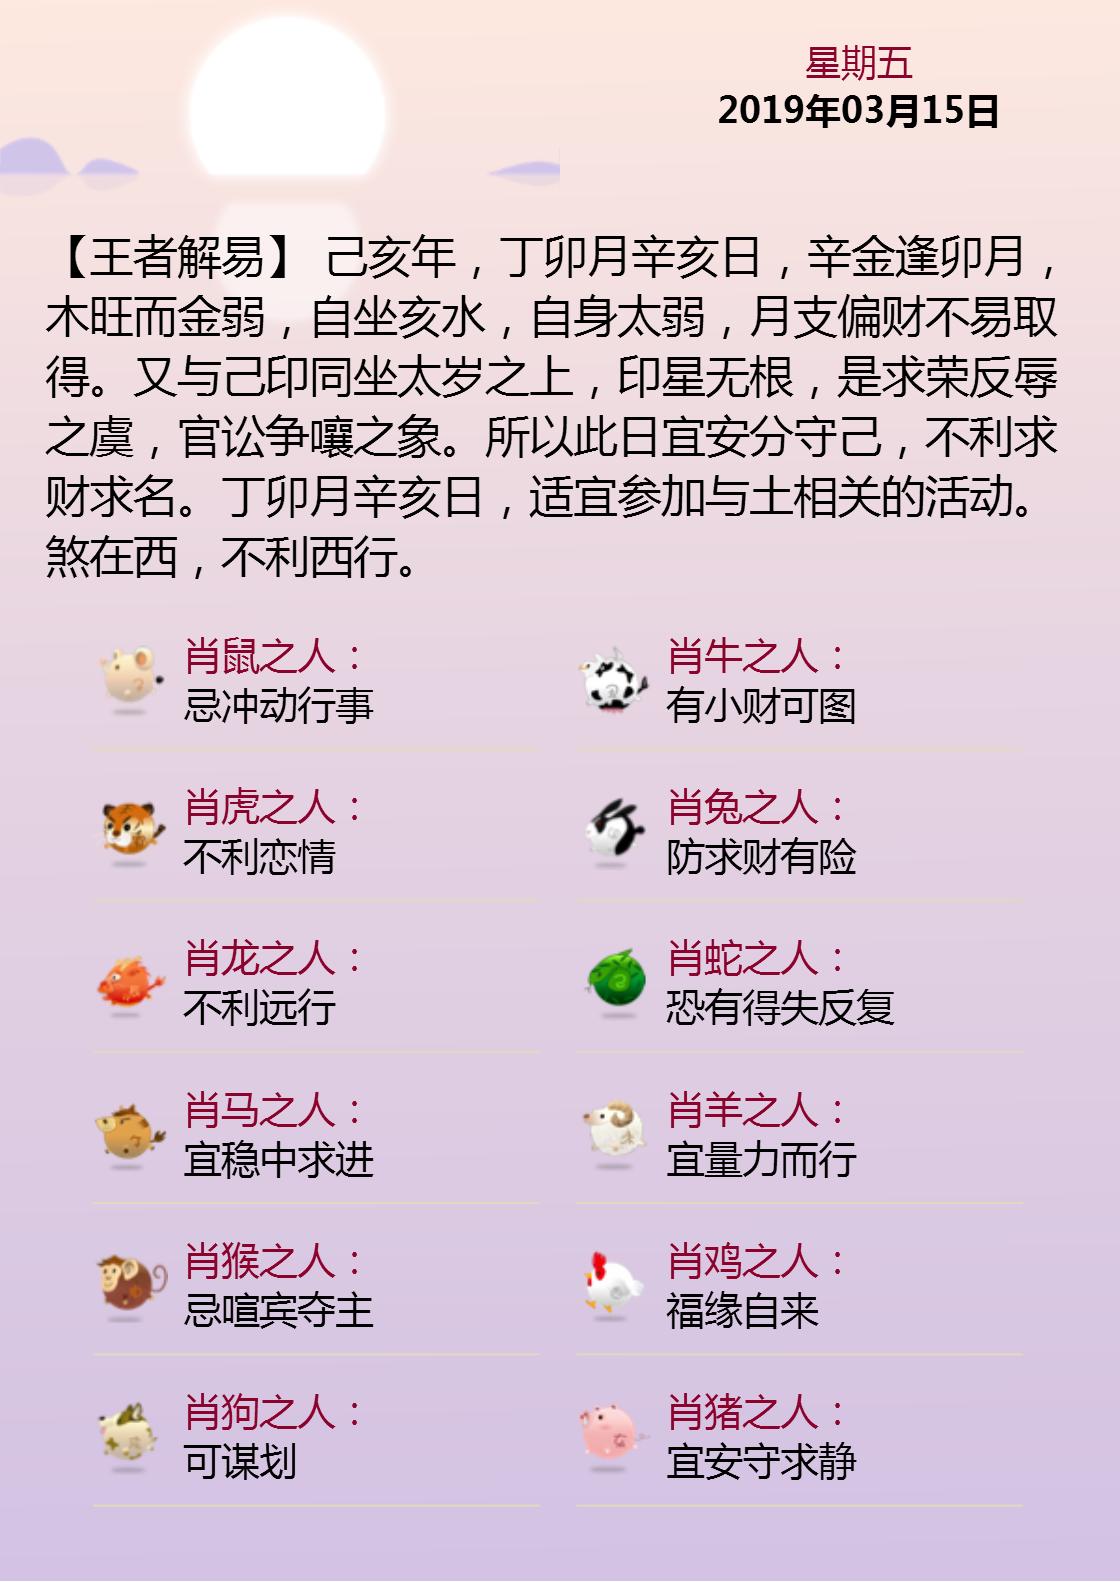 黄历海报20190315.png